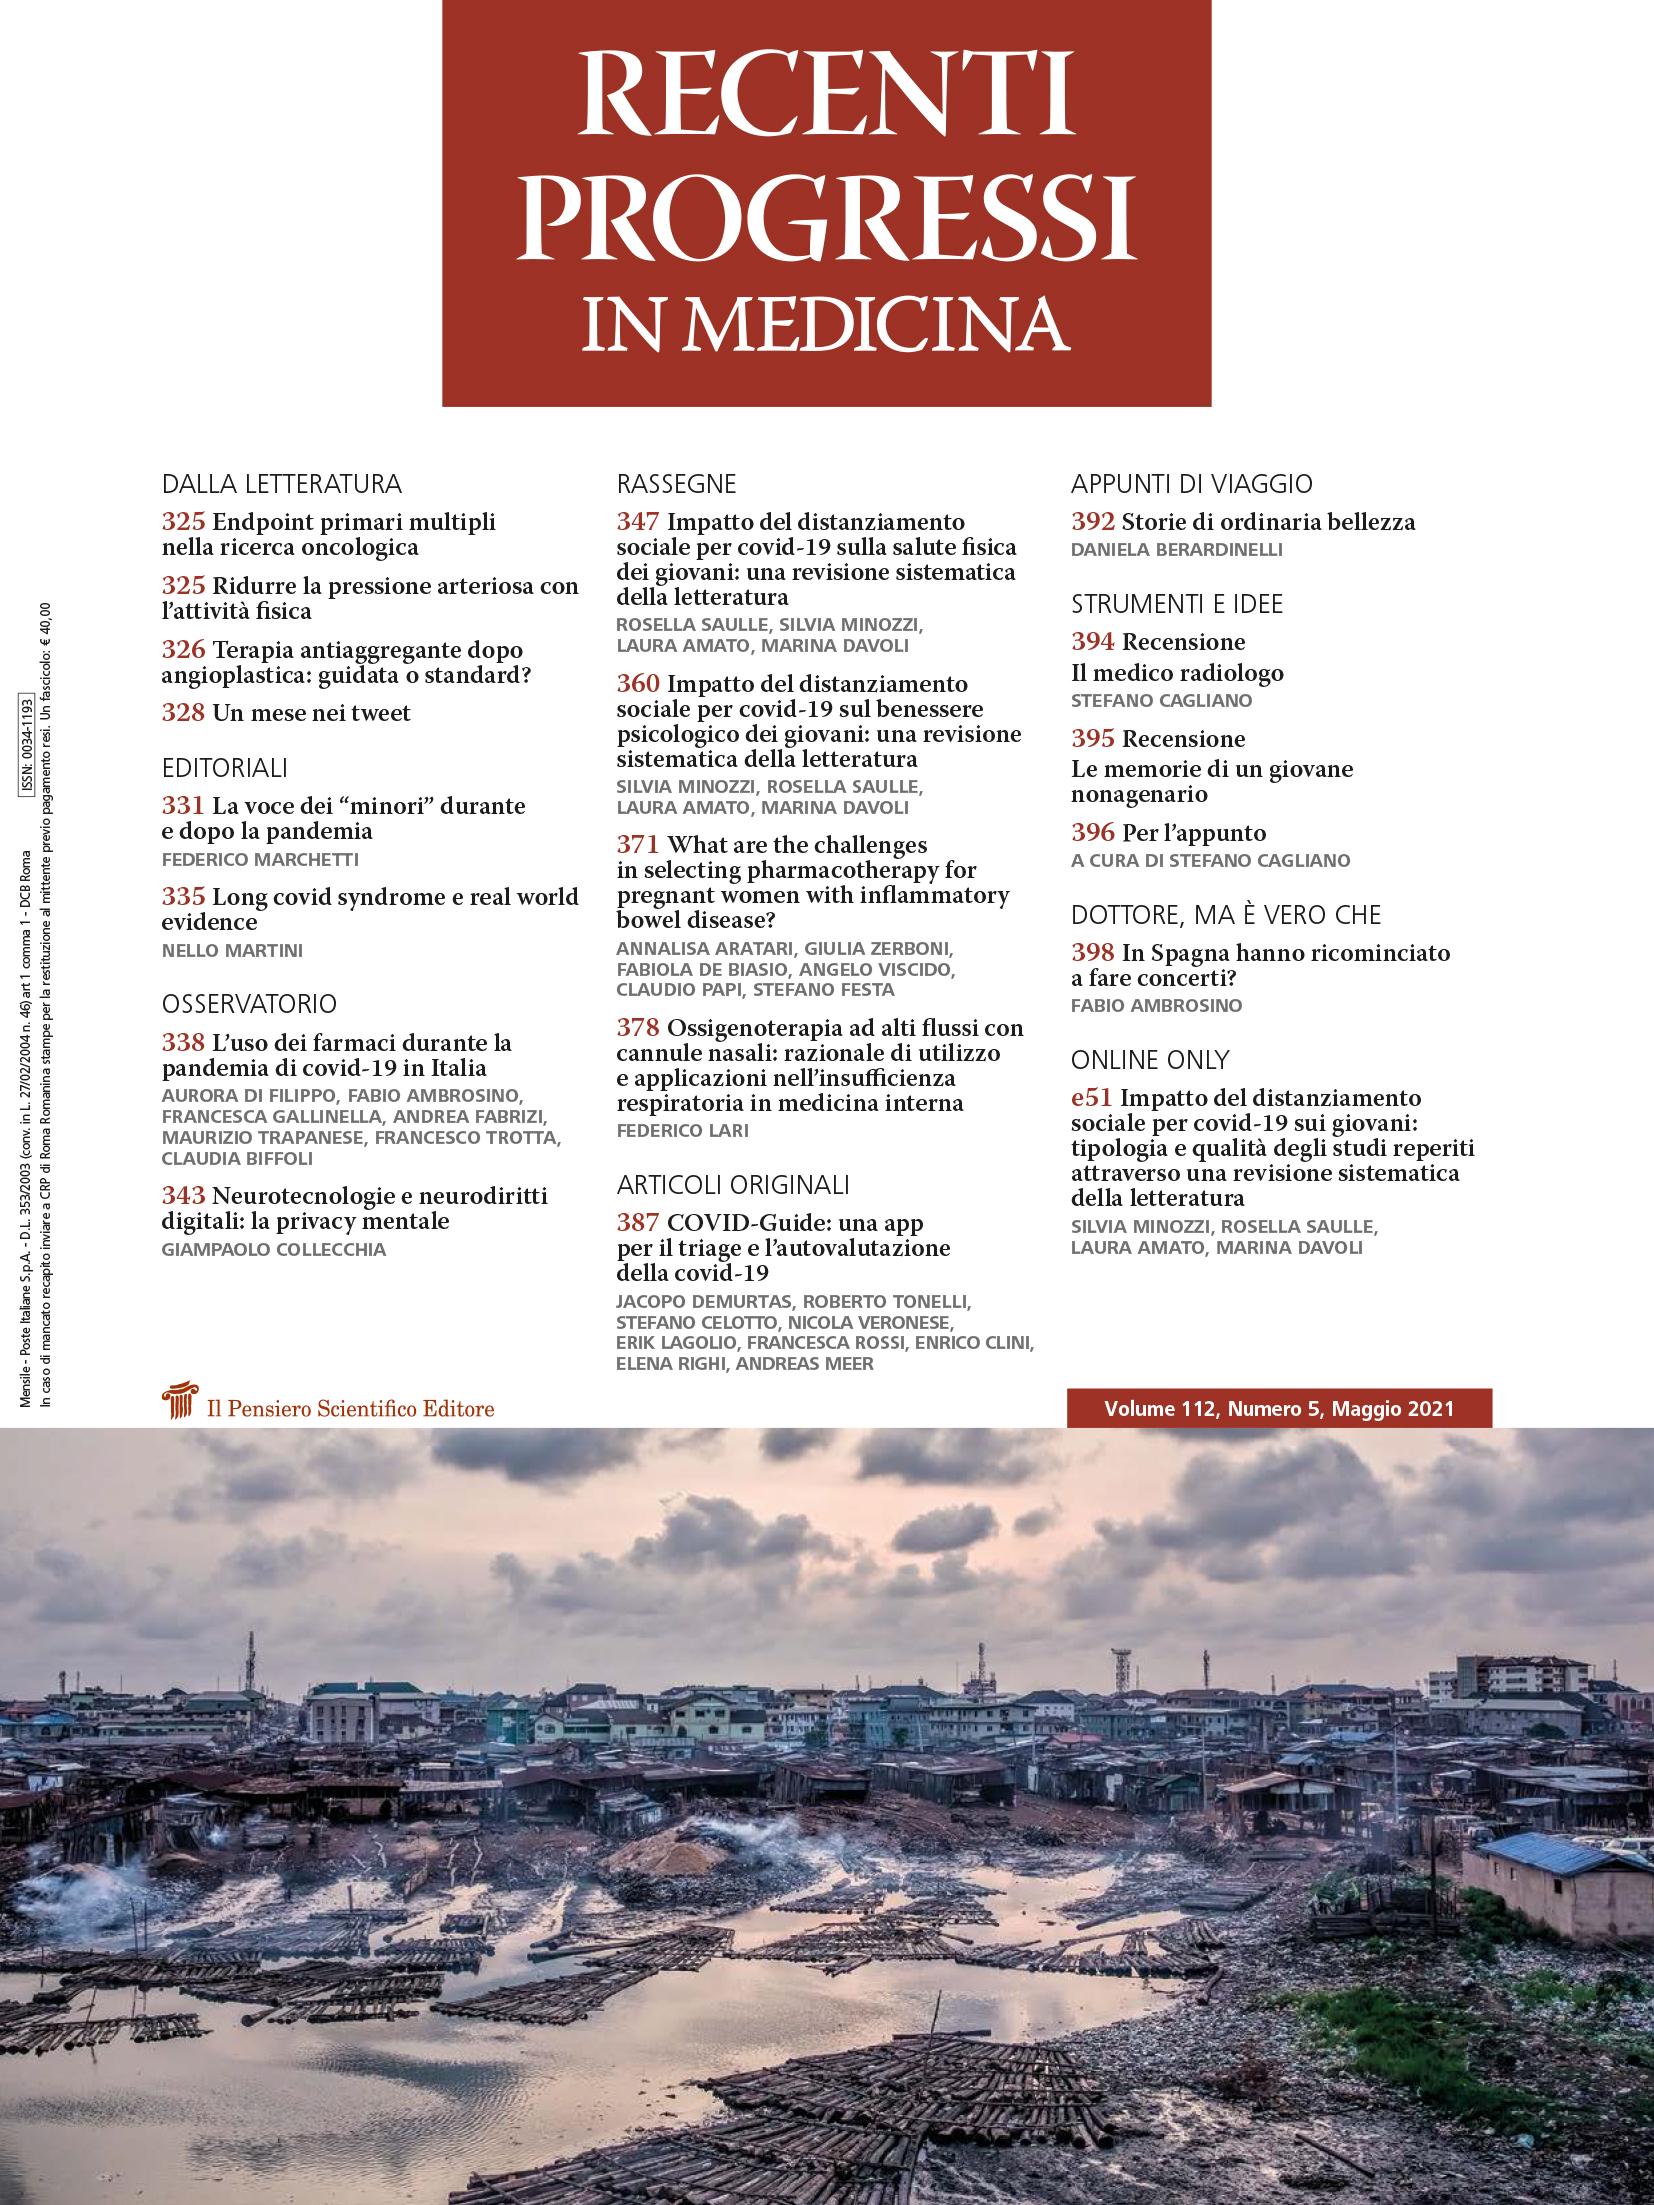 2021 Vol. 112 N. 5 Maggio